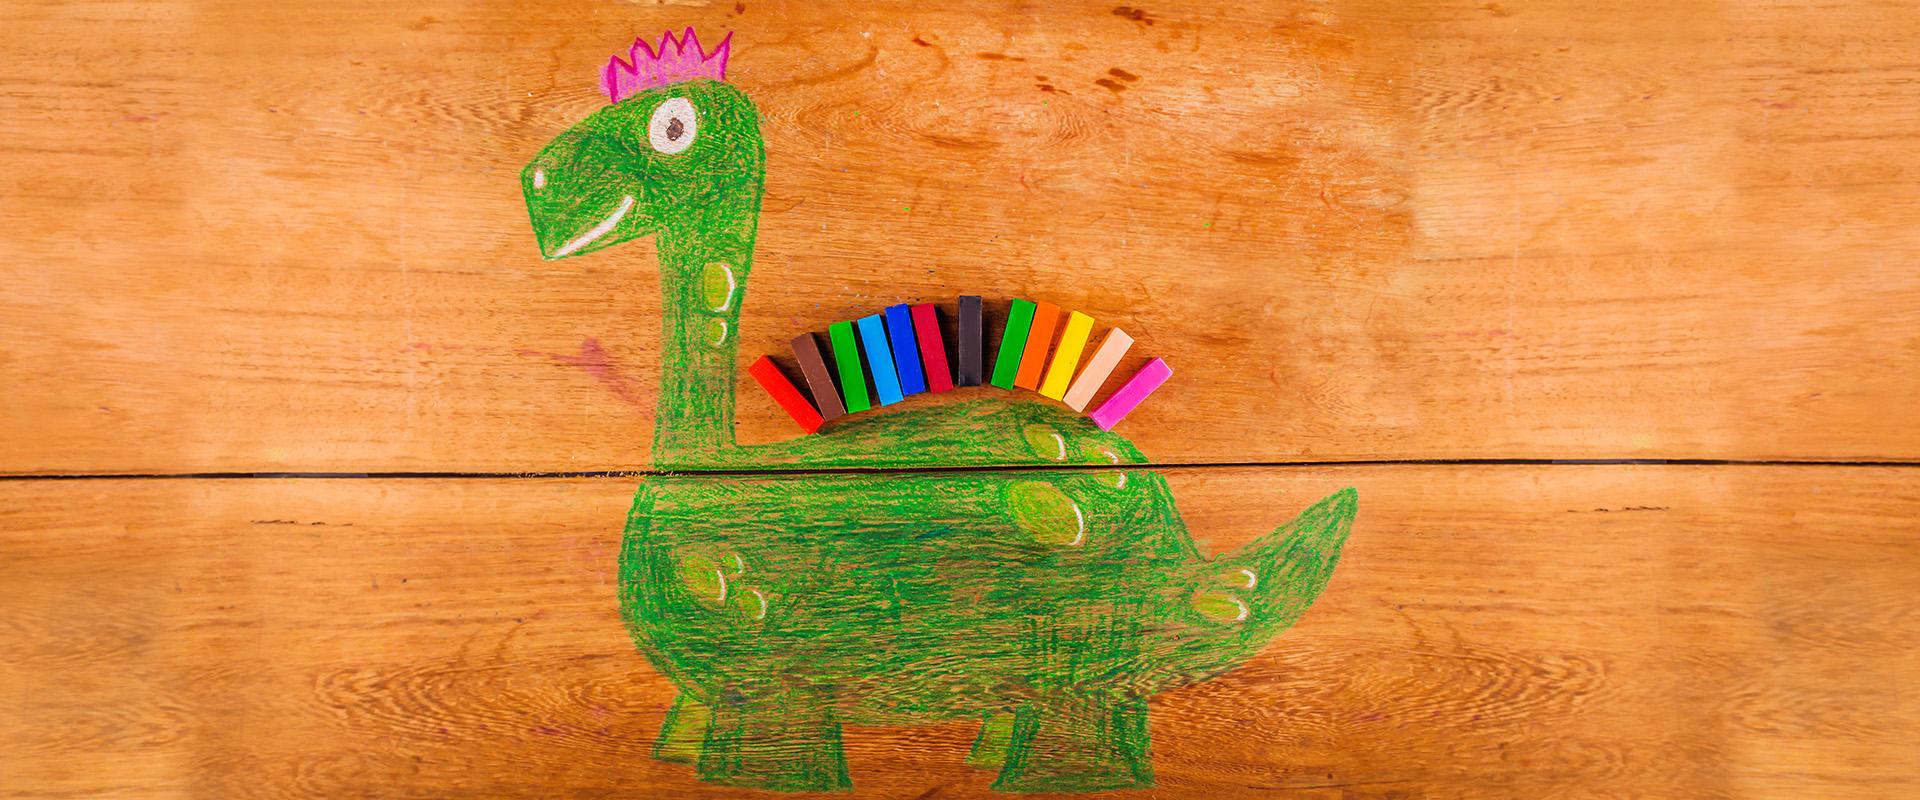 Material escolar inclusivo: saiba como soluções simples podem ajudar seu filho na escola